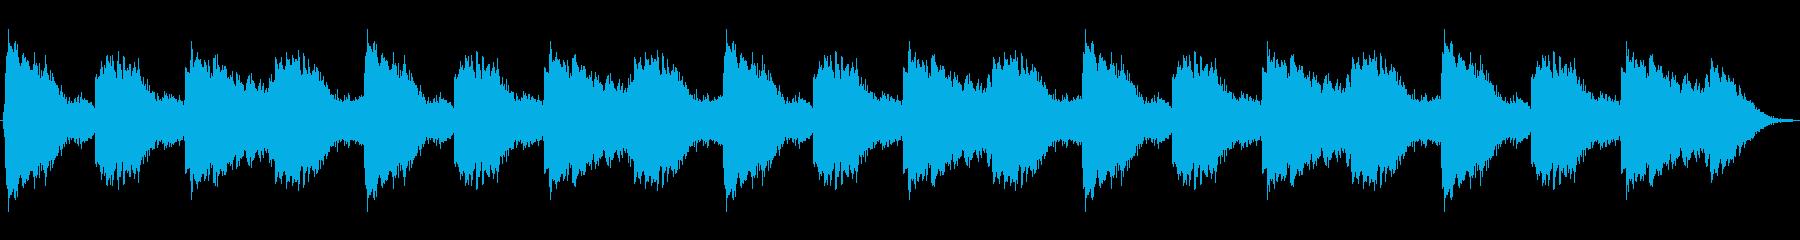 不気味なホラー曲/怪談・ミステリー等にもの再生済みの波形